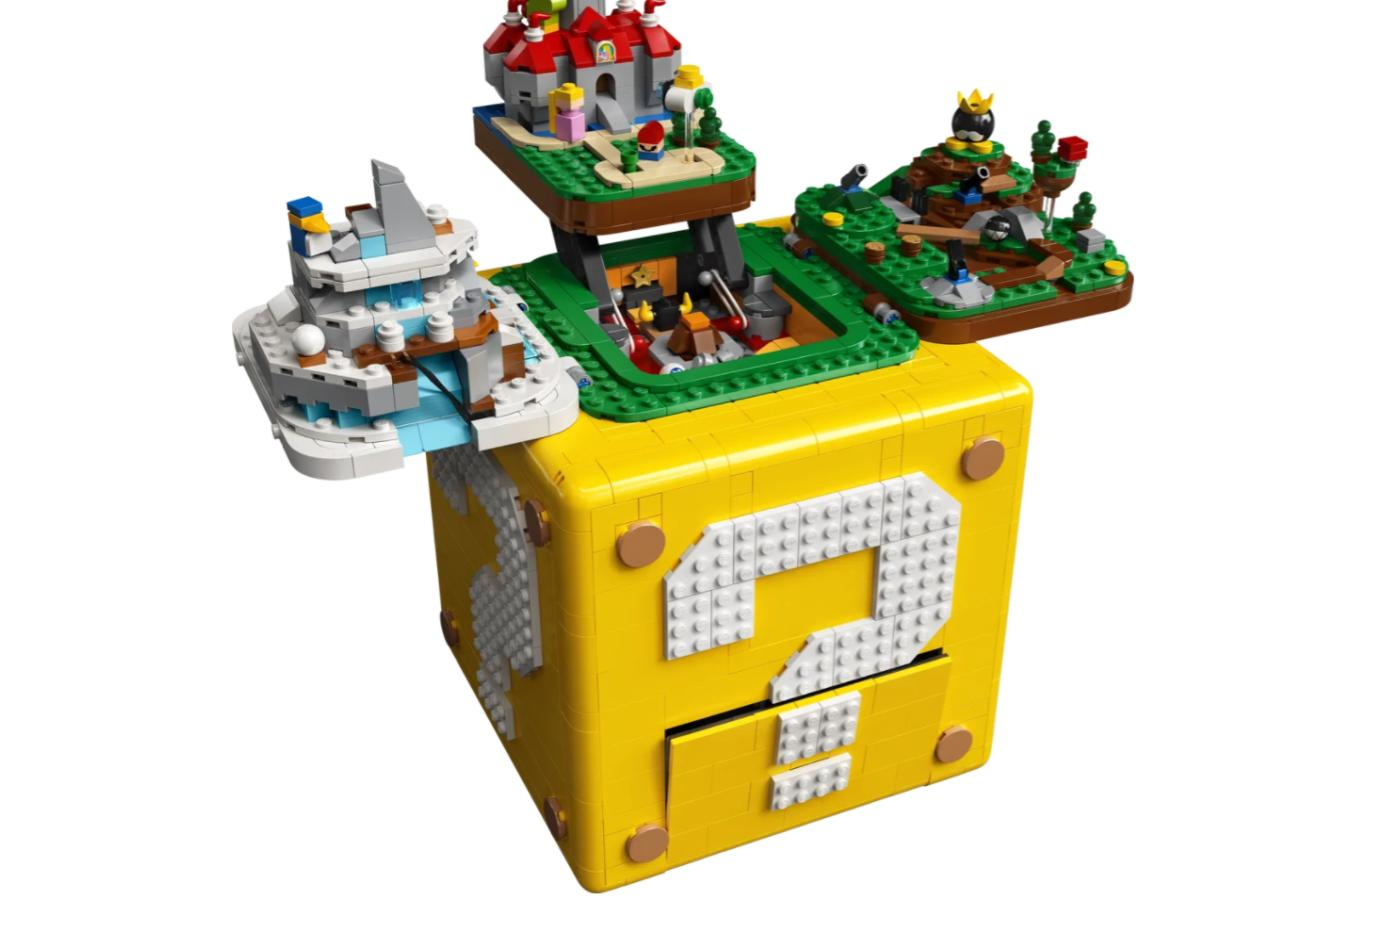 Lego Super Mario 64 Set